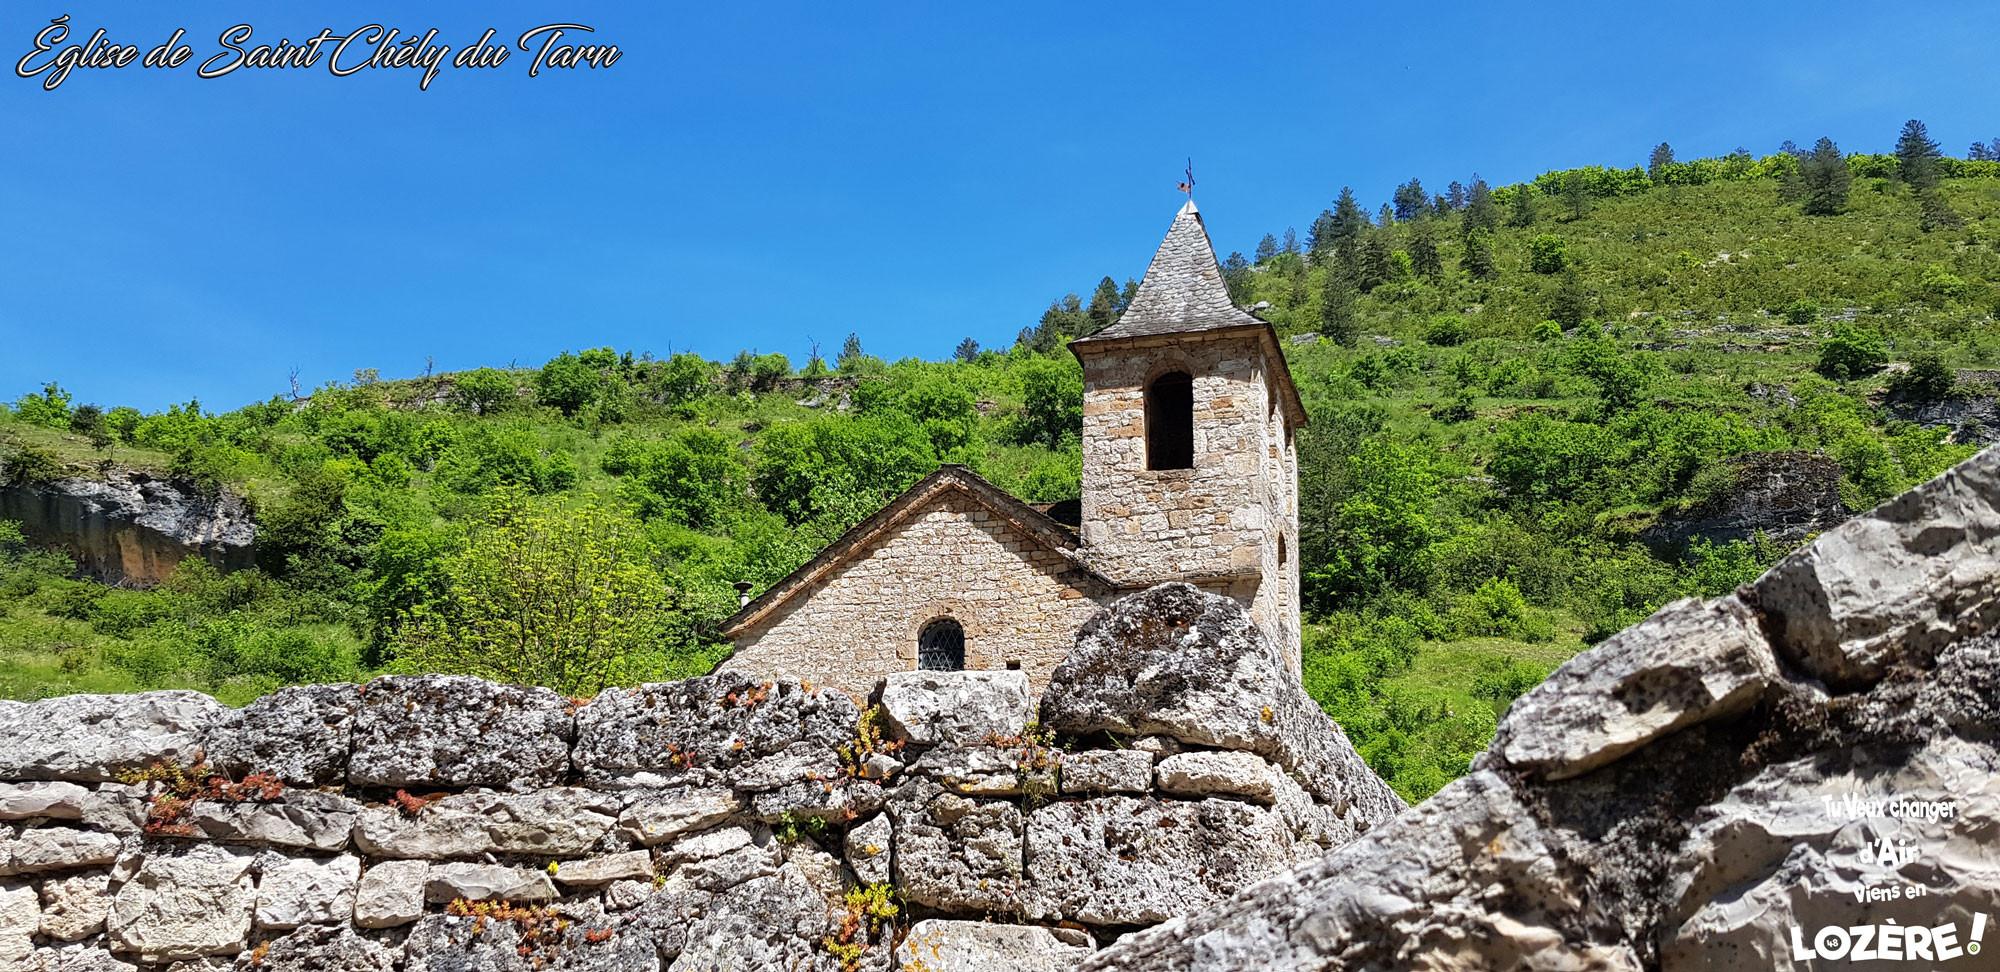 Saint-Chély-du-Tarn-5.jpg